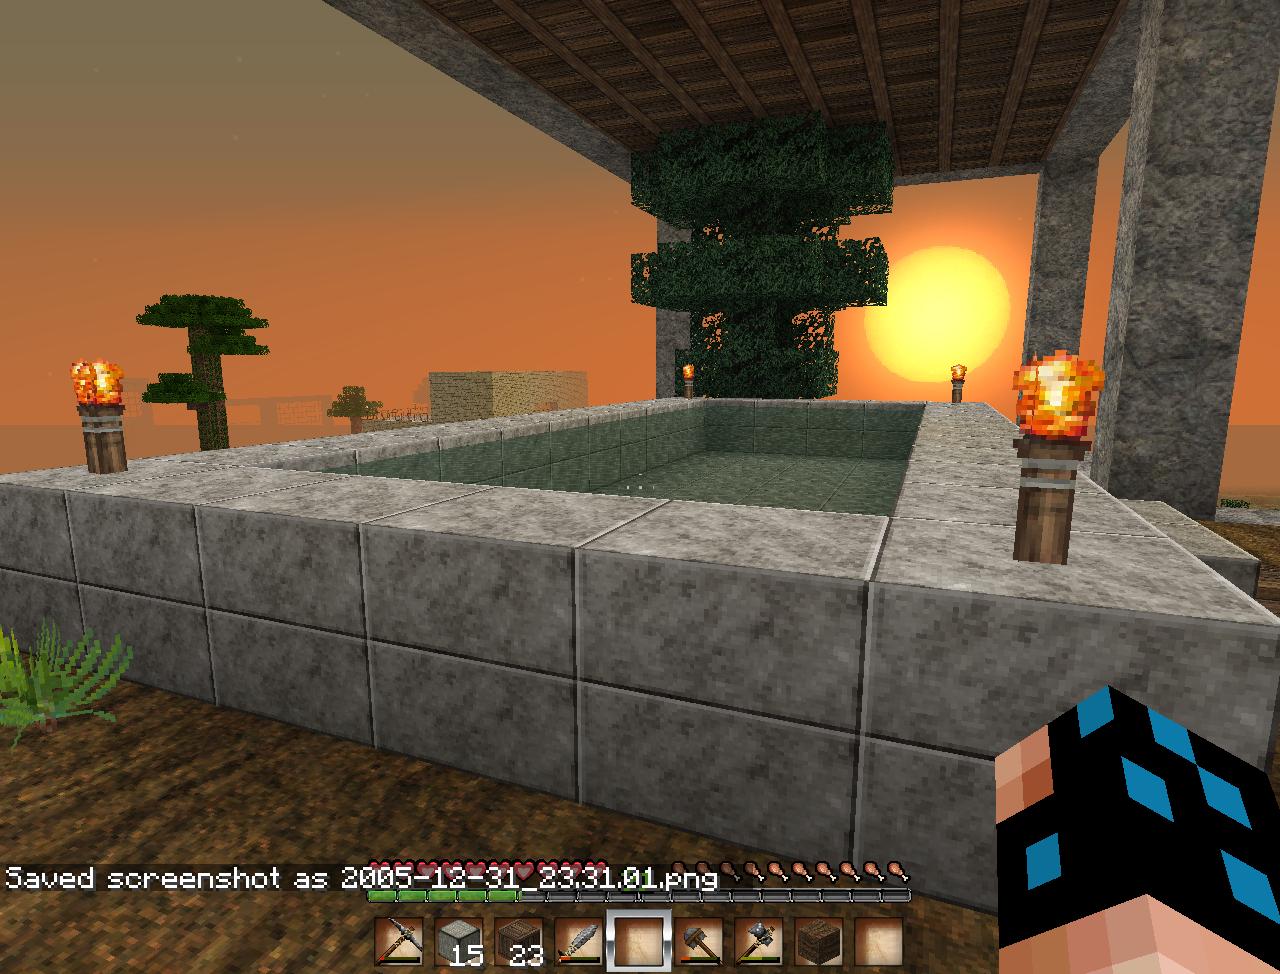 Pc tipps minecraft inneneinrichtung zu neuem haus - Minecraft inneneinrichtung ...